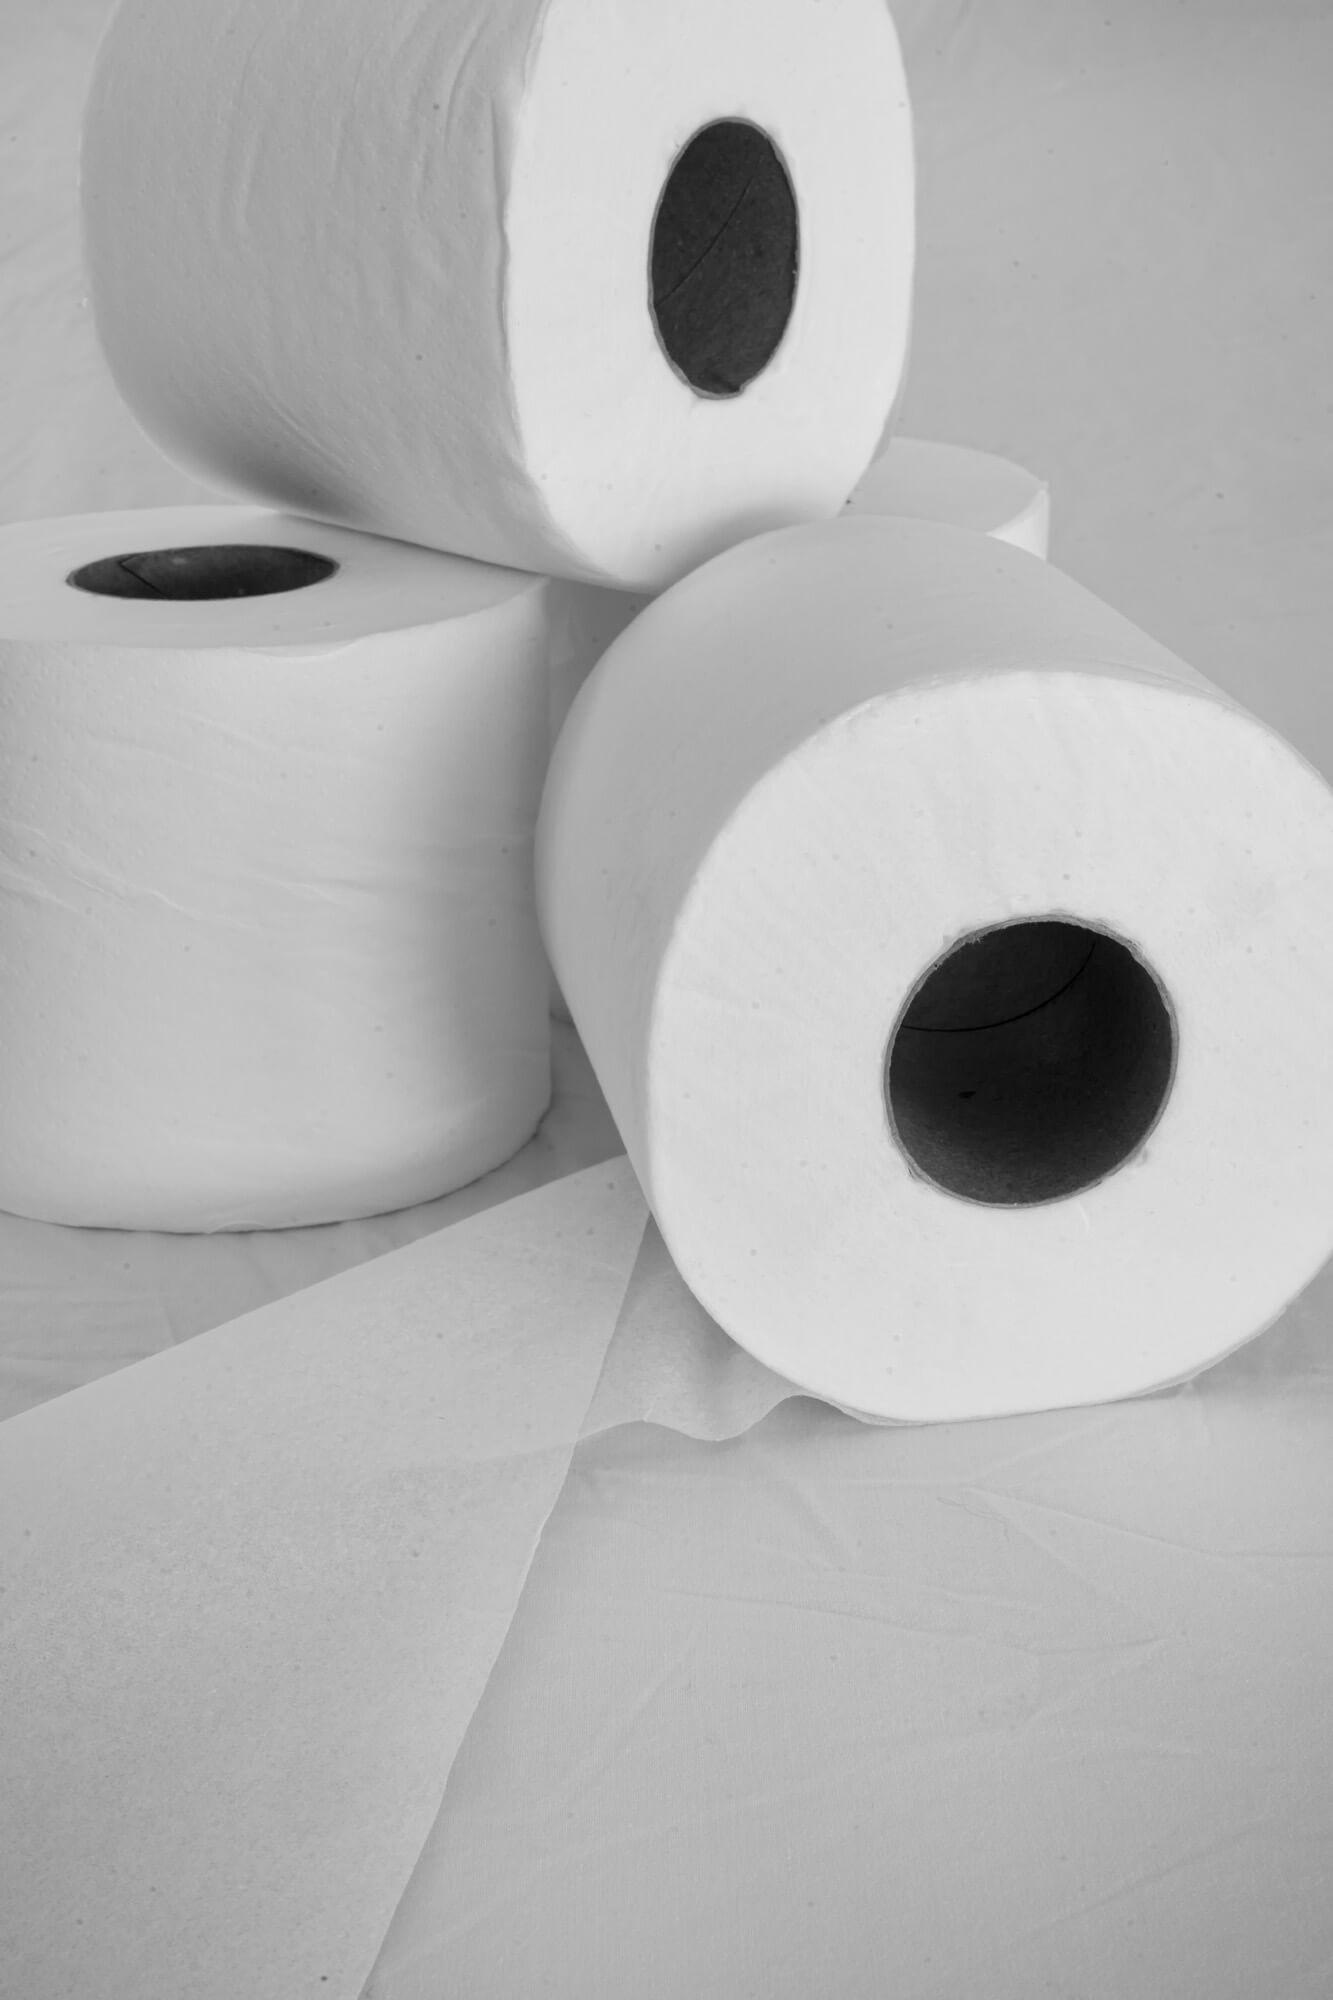 Toilet Paper Challenge #2